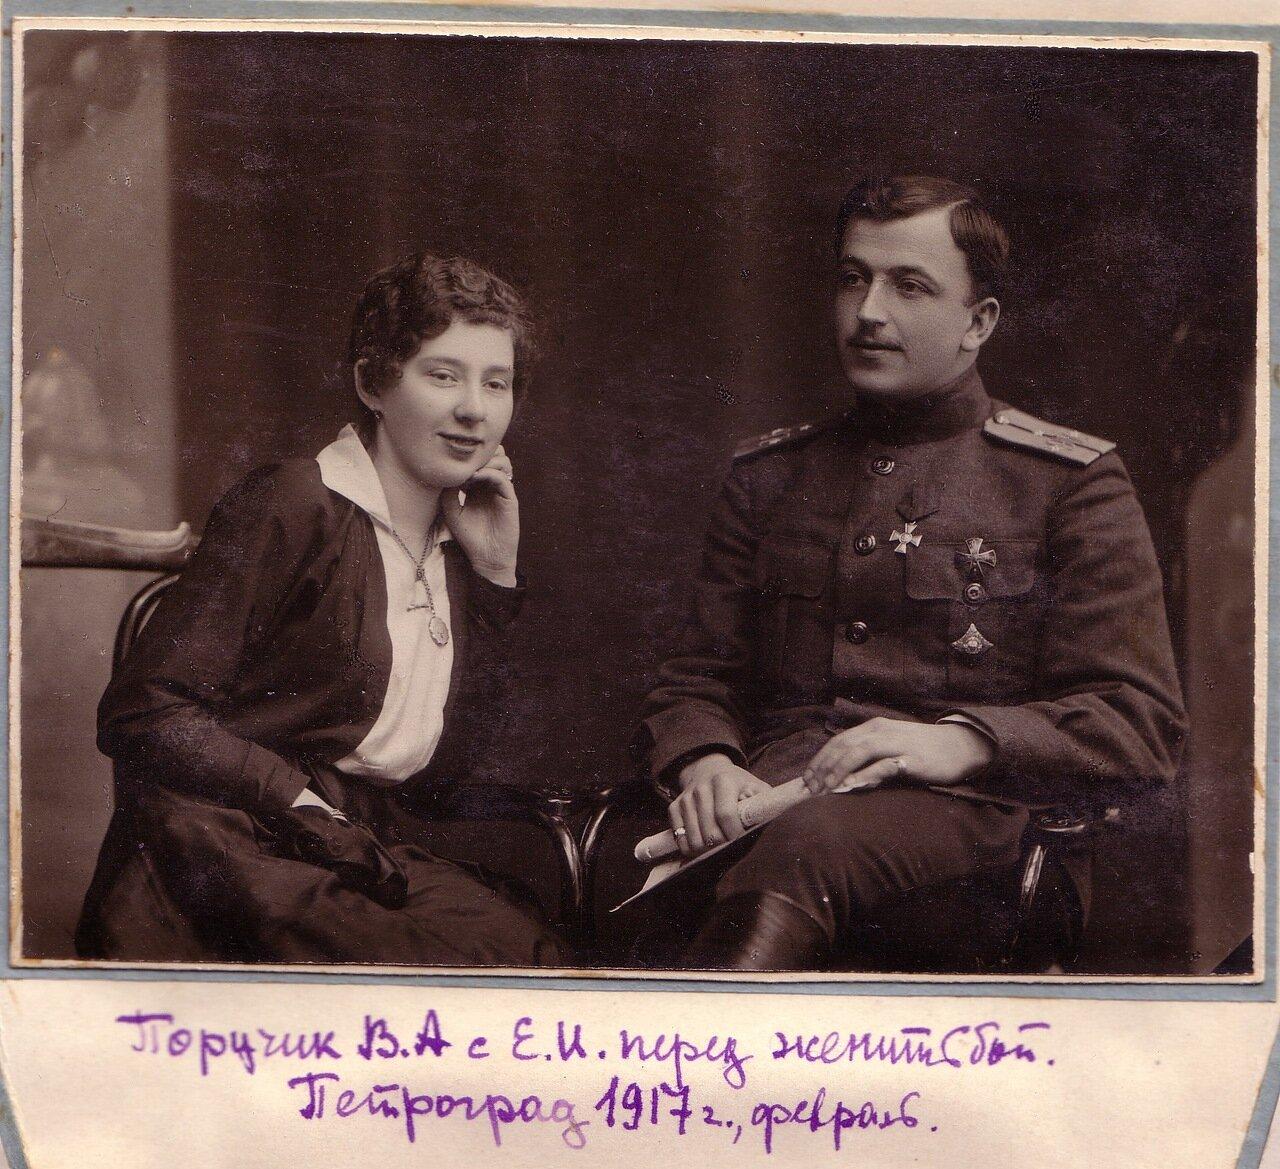 Поручик В.А. с Е.И. перед женитьбой. Петроград, февраль 1917